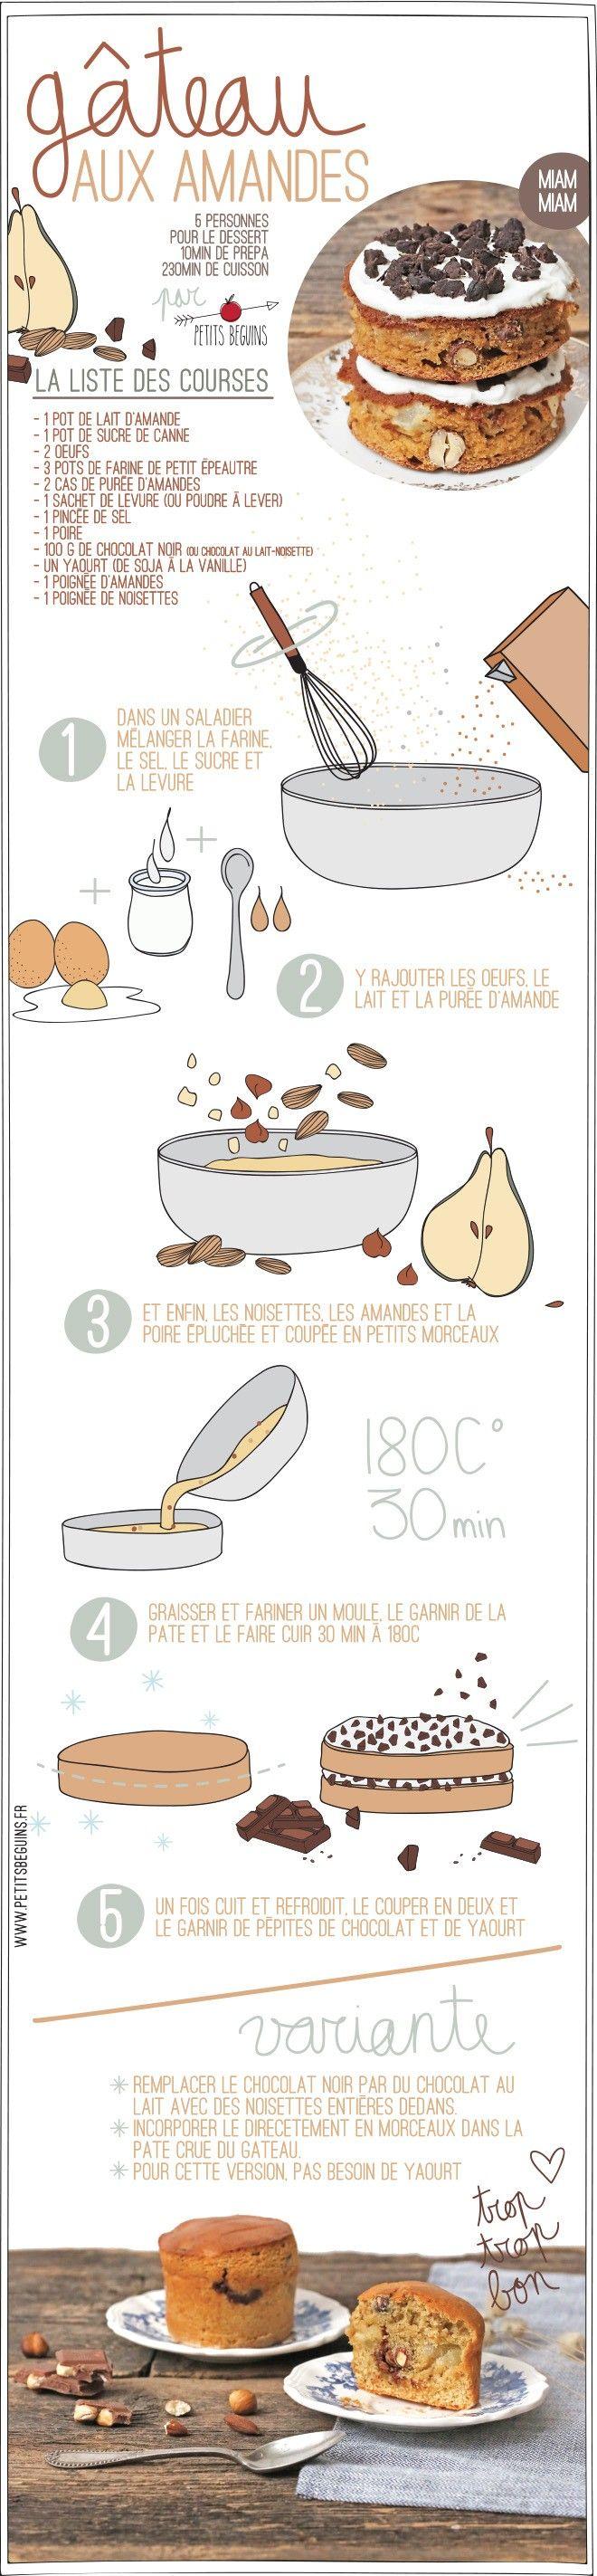 Gâteau aux amandes - Gourmandise - Petits Béguins